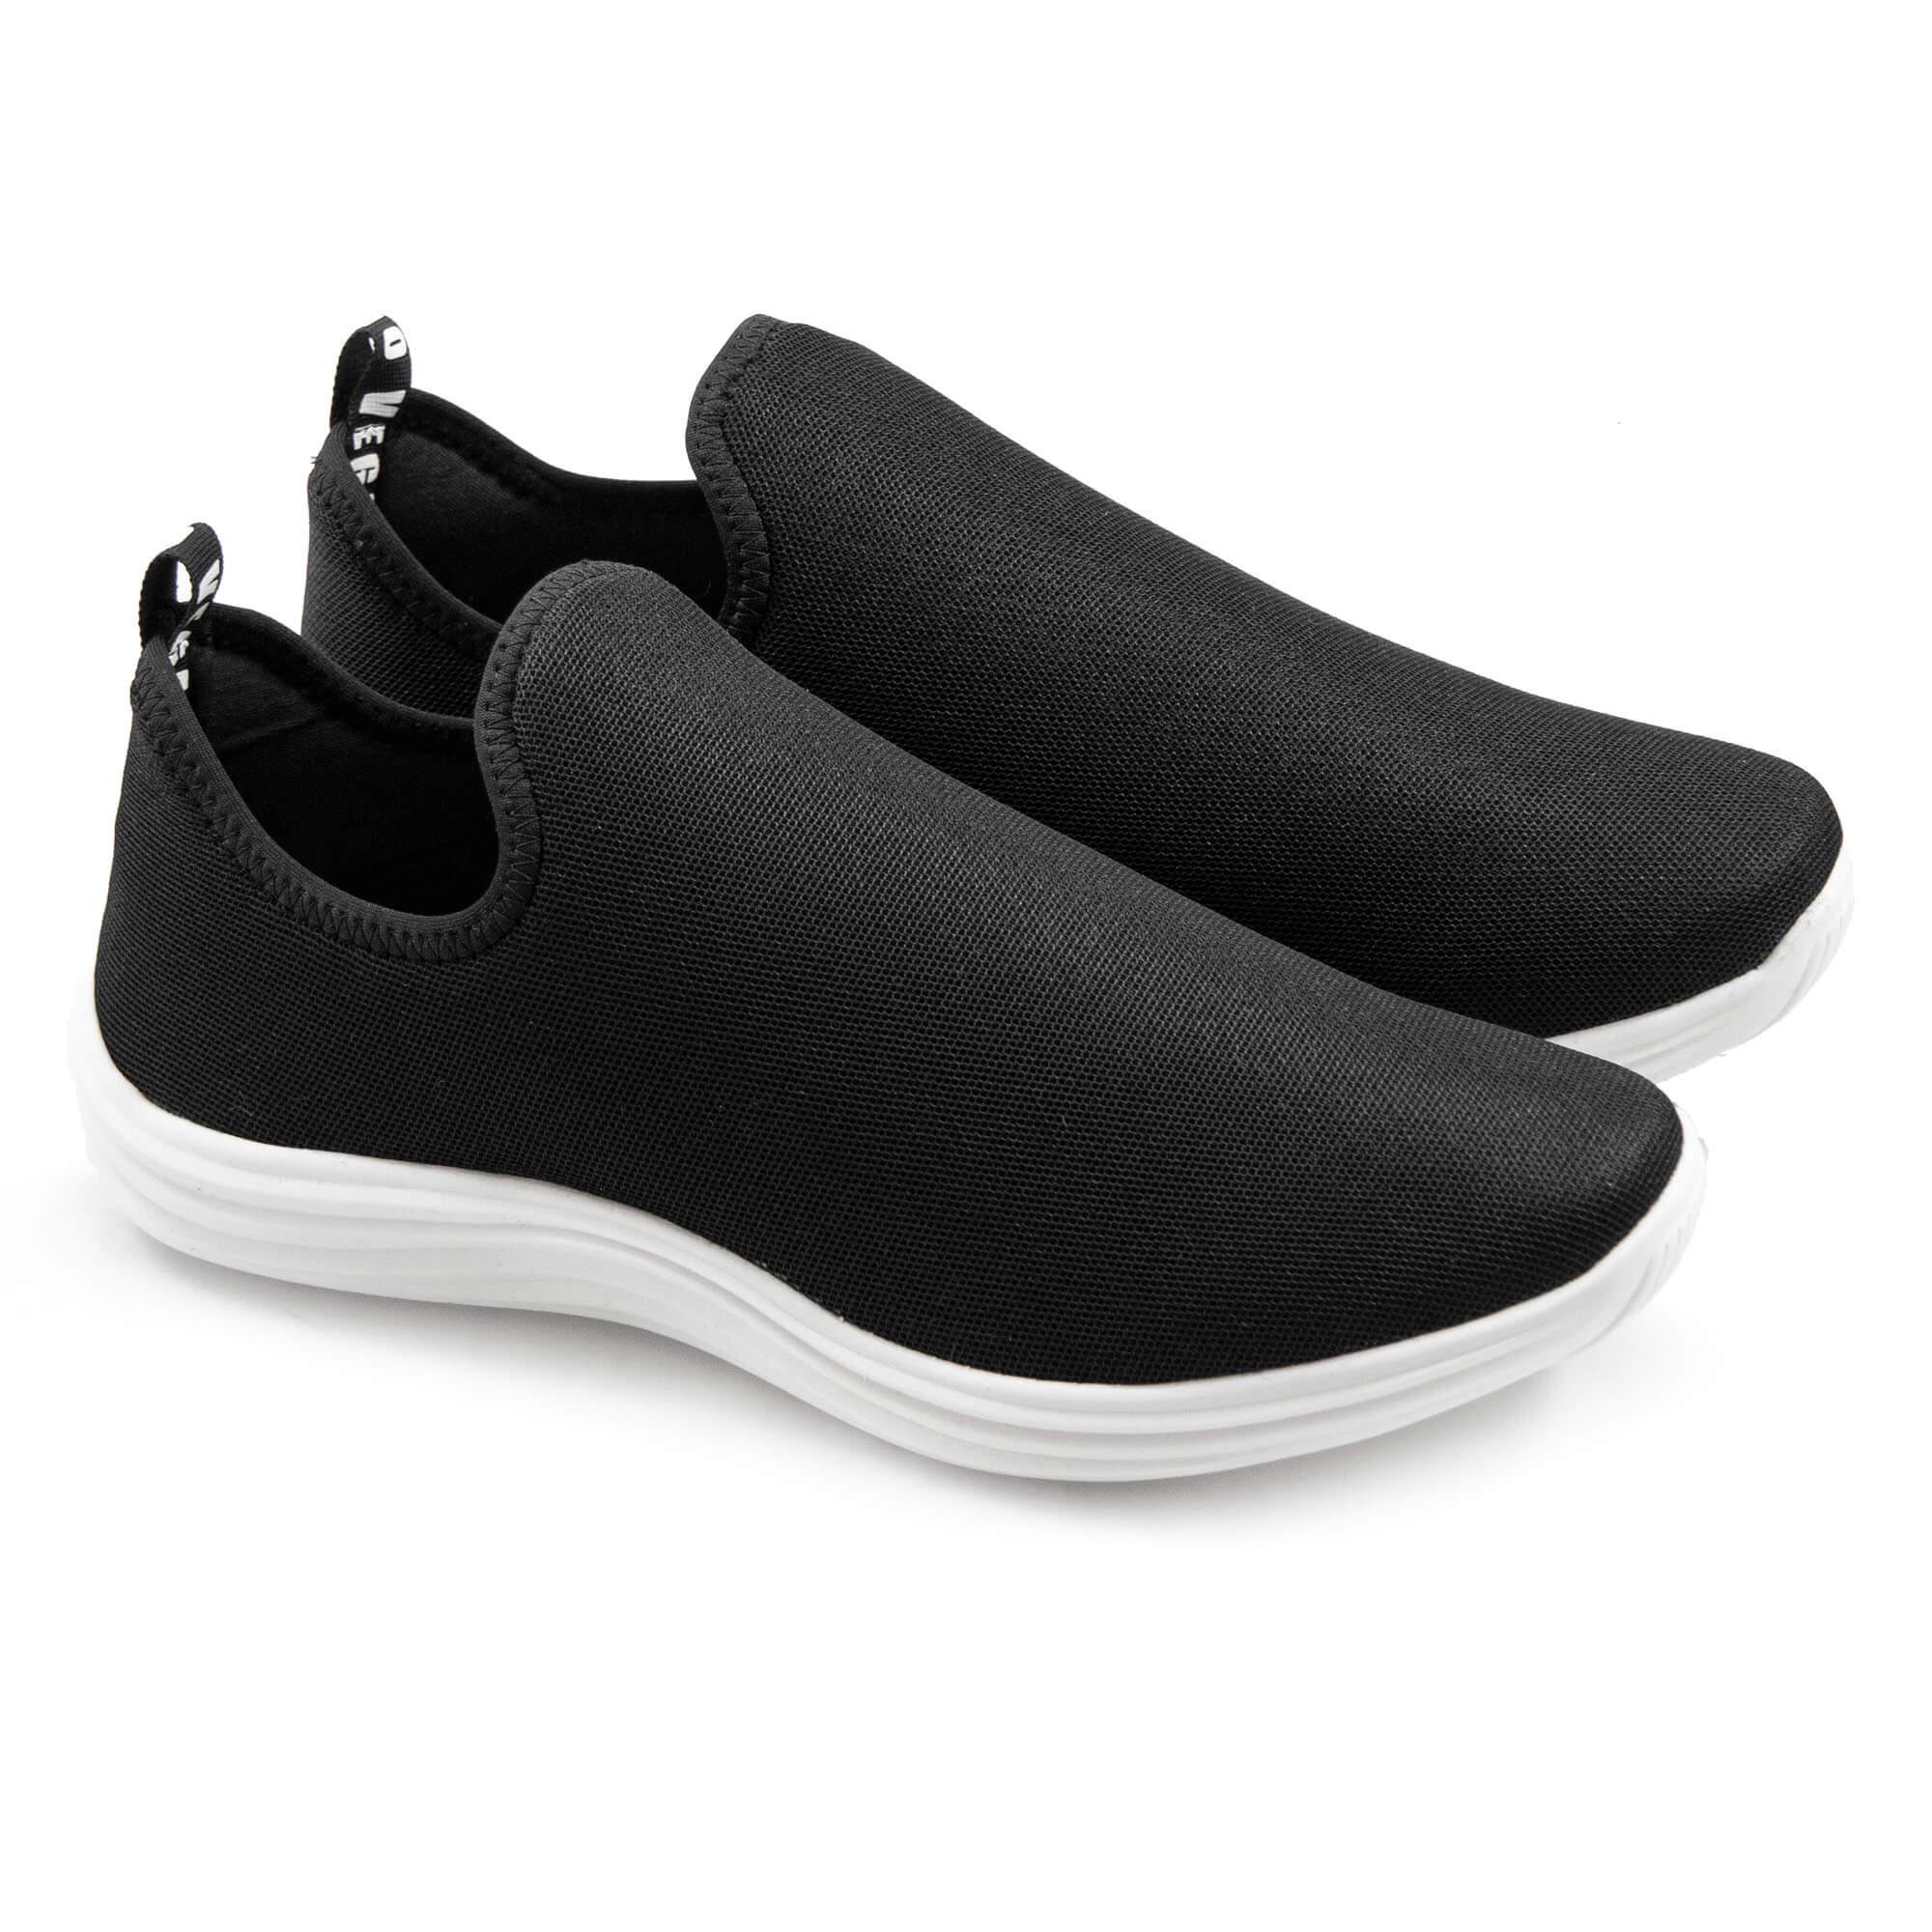 Tênis Vegano Shoes Light Vegan Basic - Preto